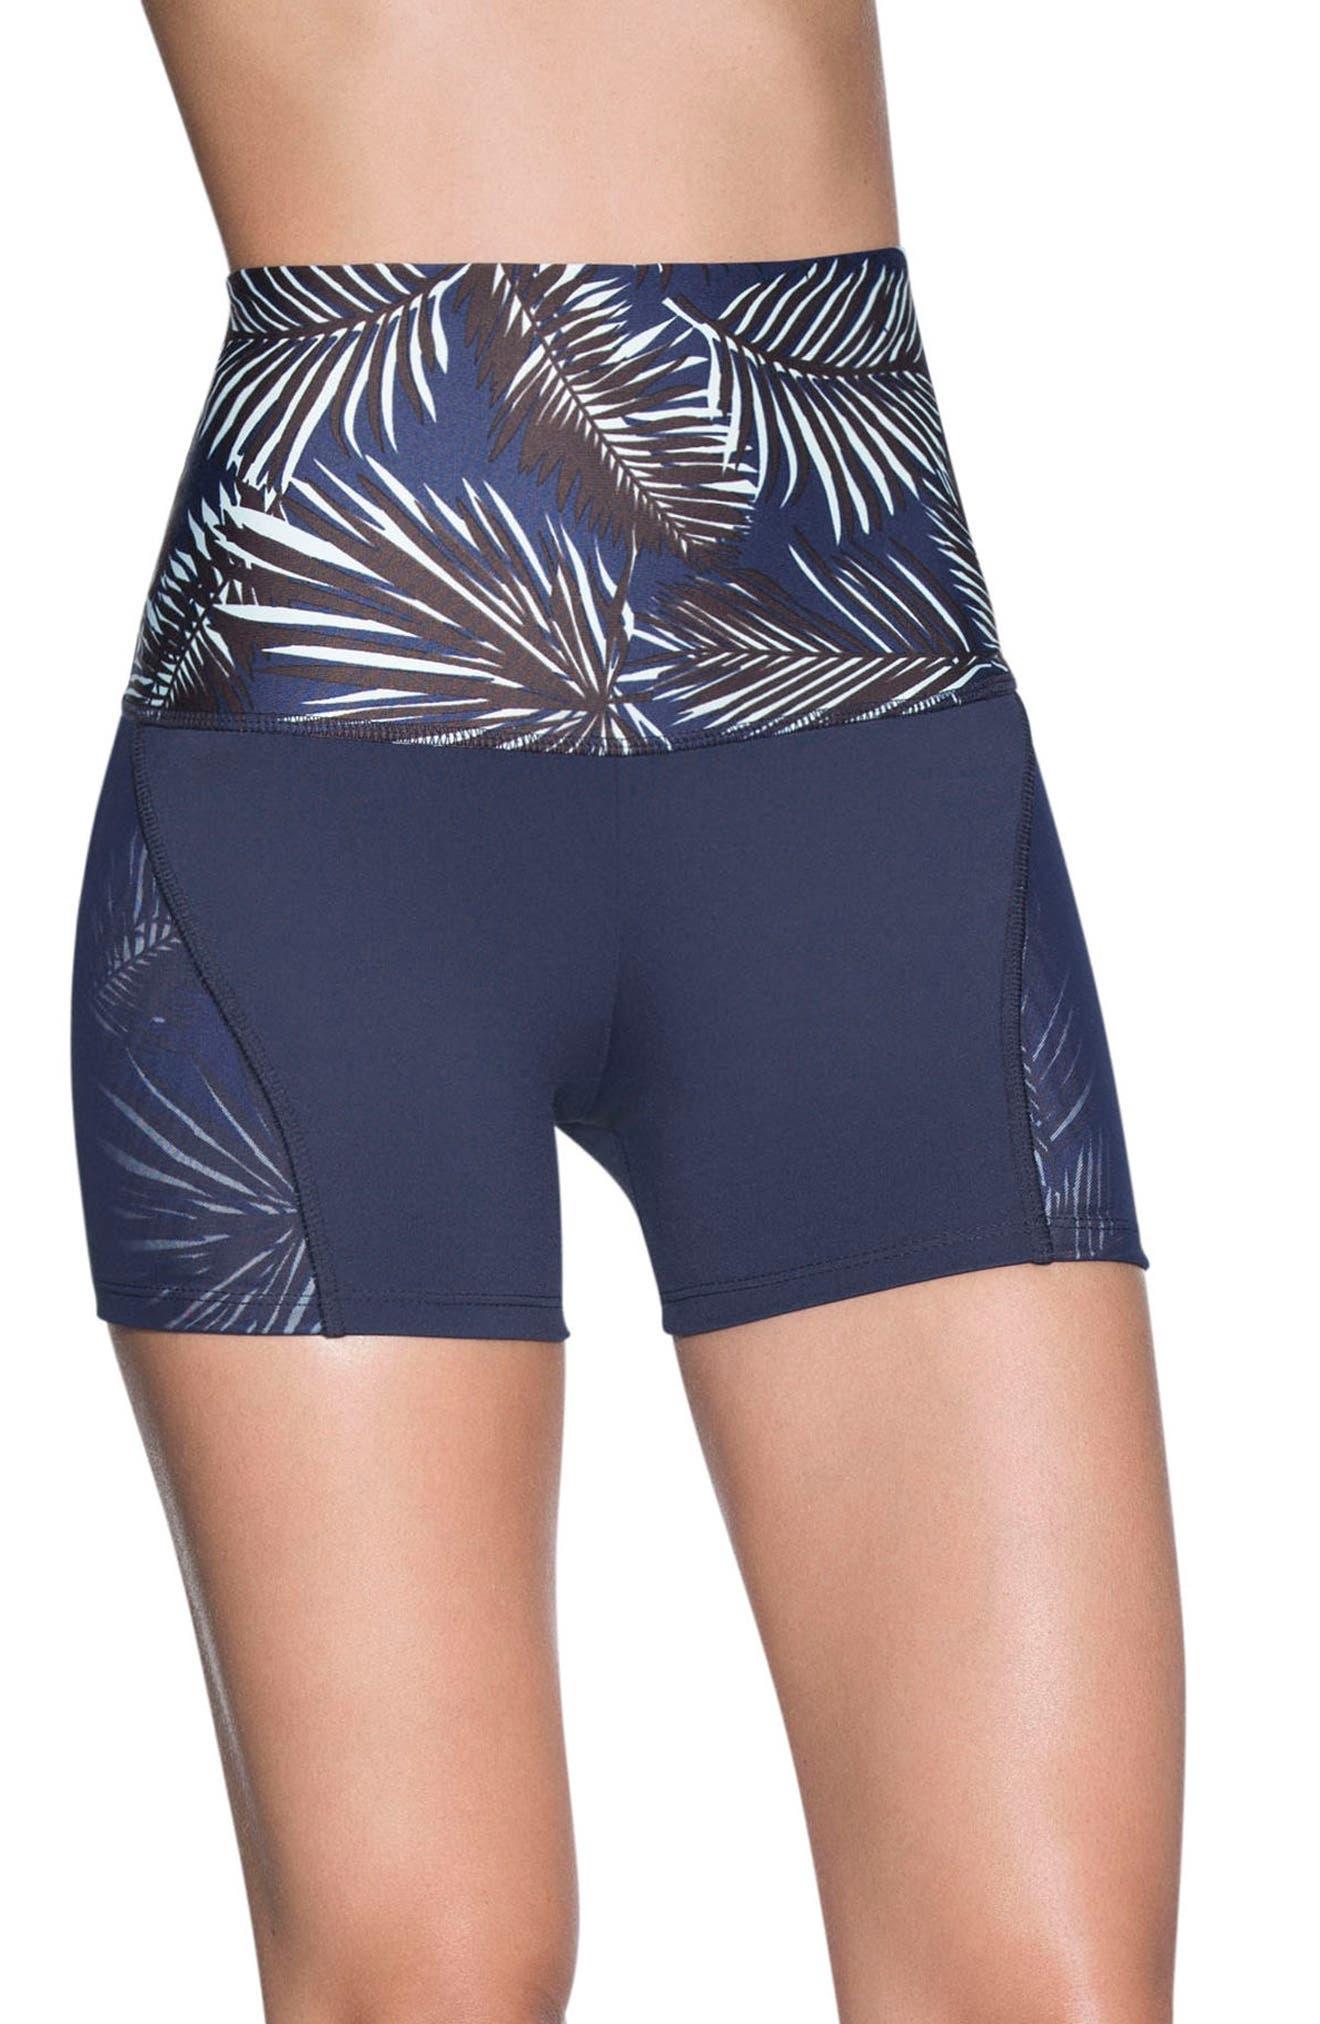 Maaji Cobra High Waist Shorts